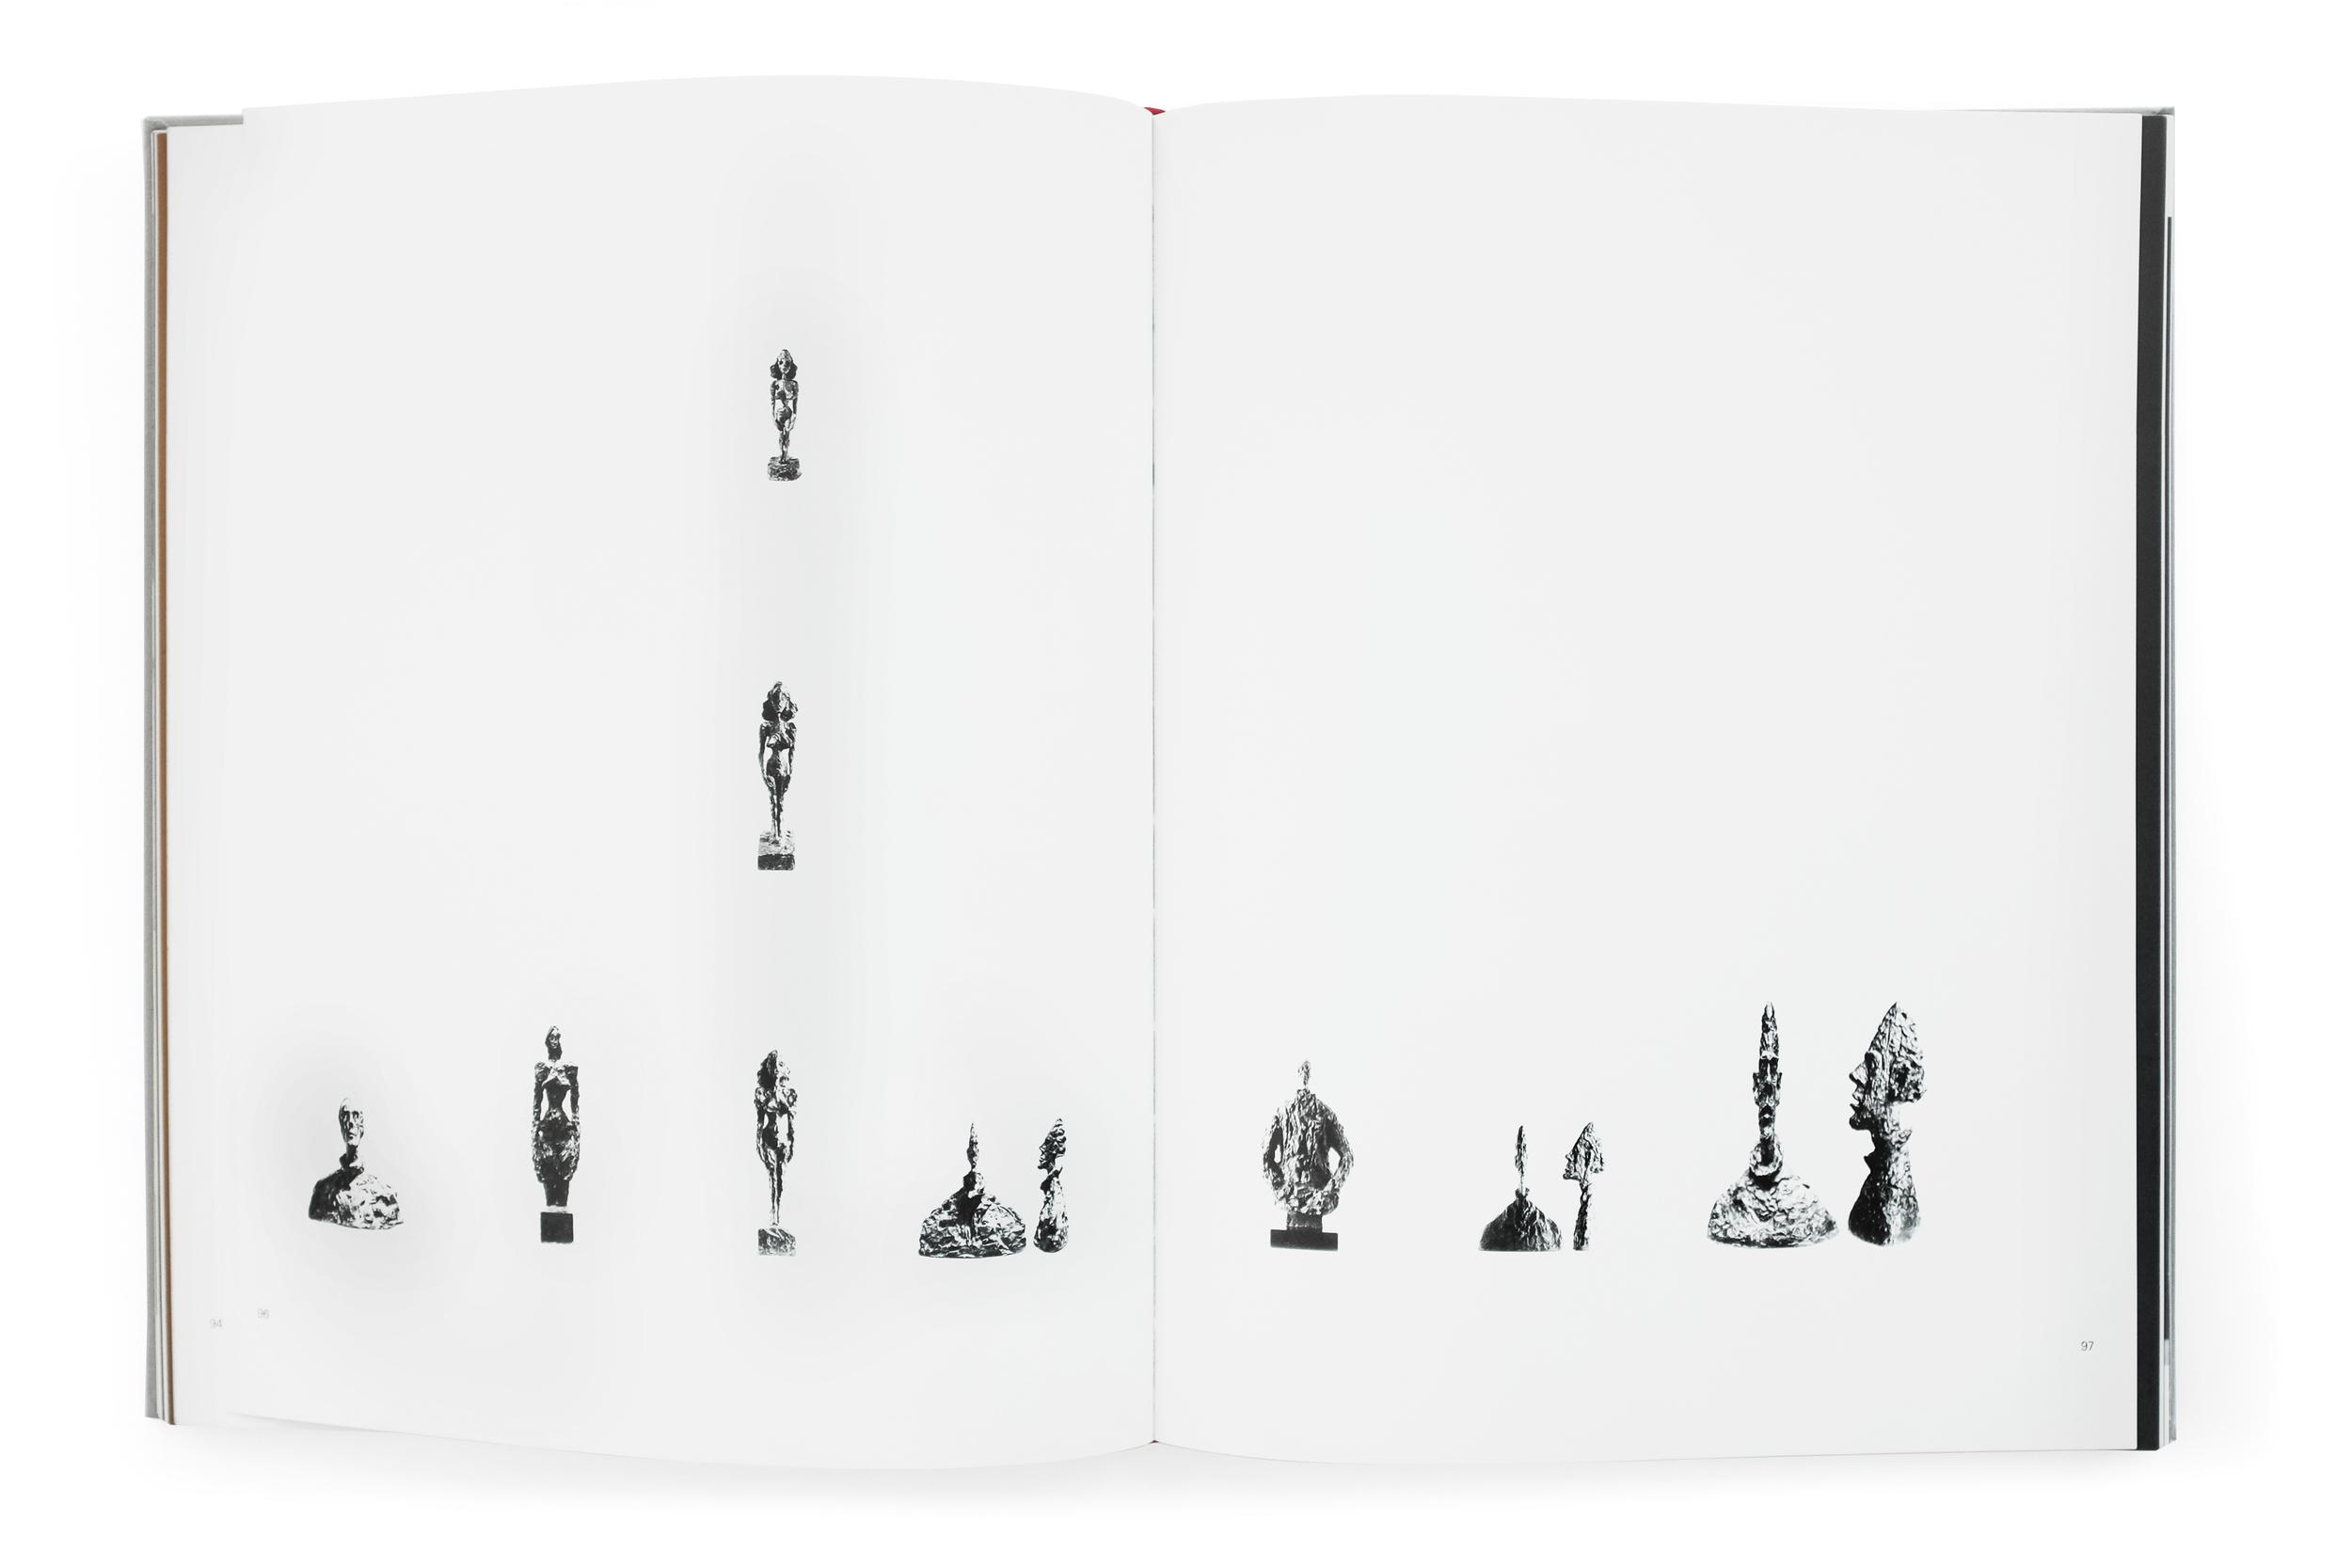 giacometti_book26.jpg